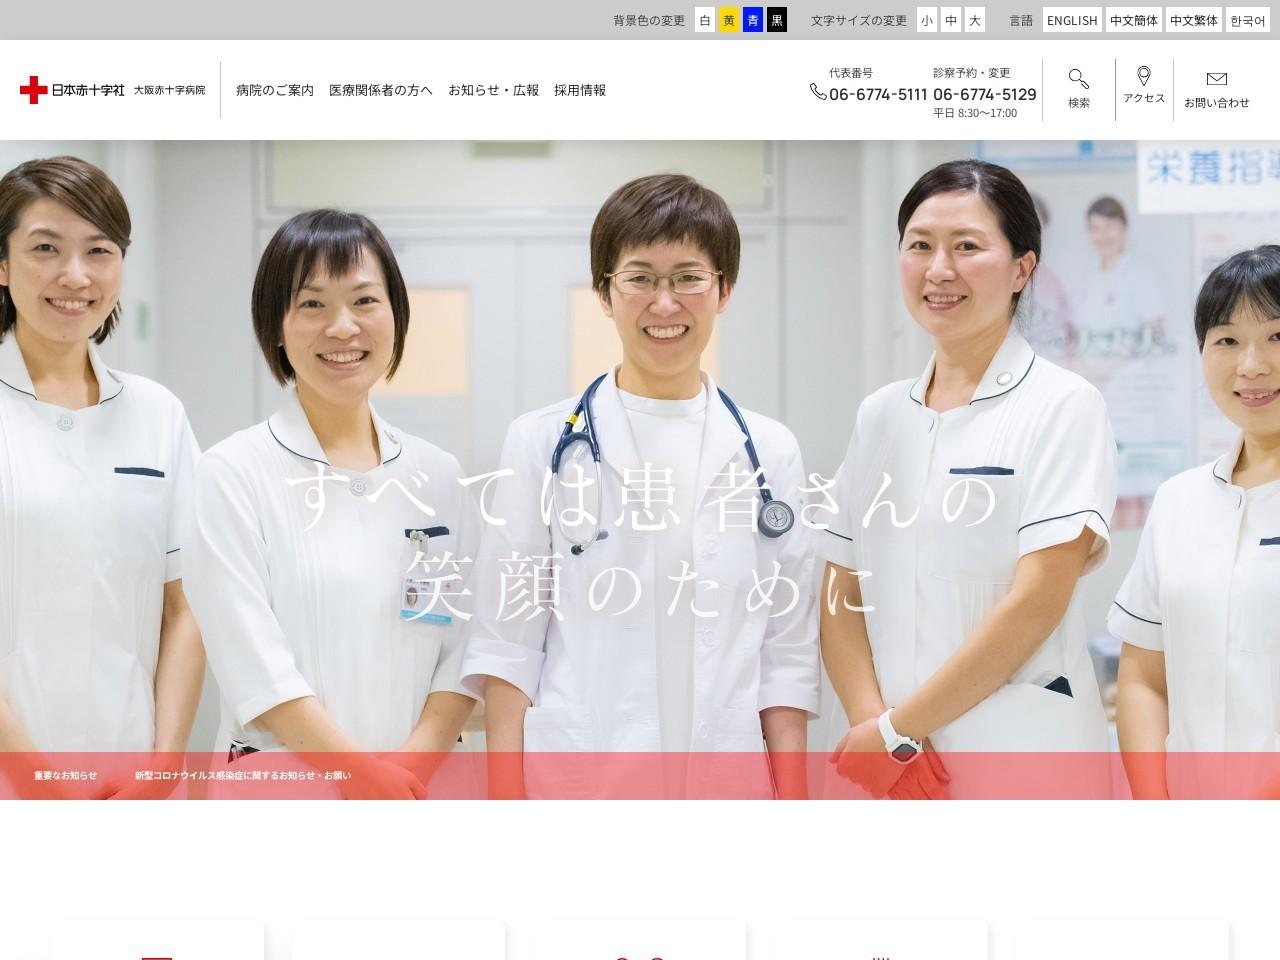 日本赤十字社  大阪赤十字病院 (大阪府大阪市天王寺区)